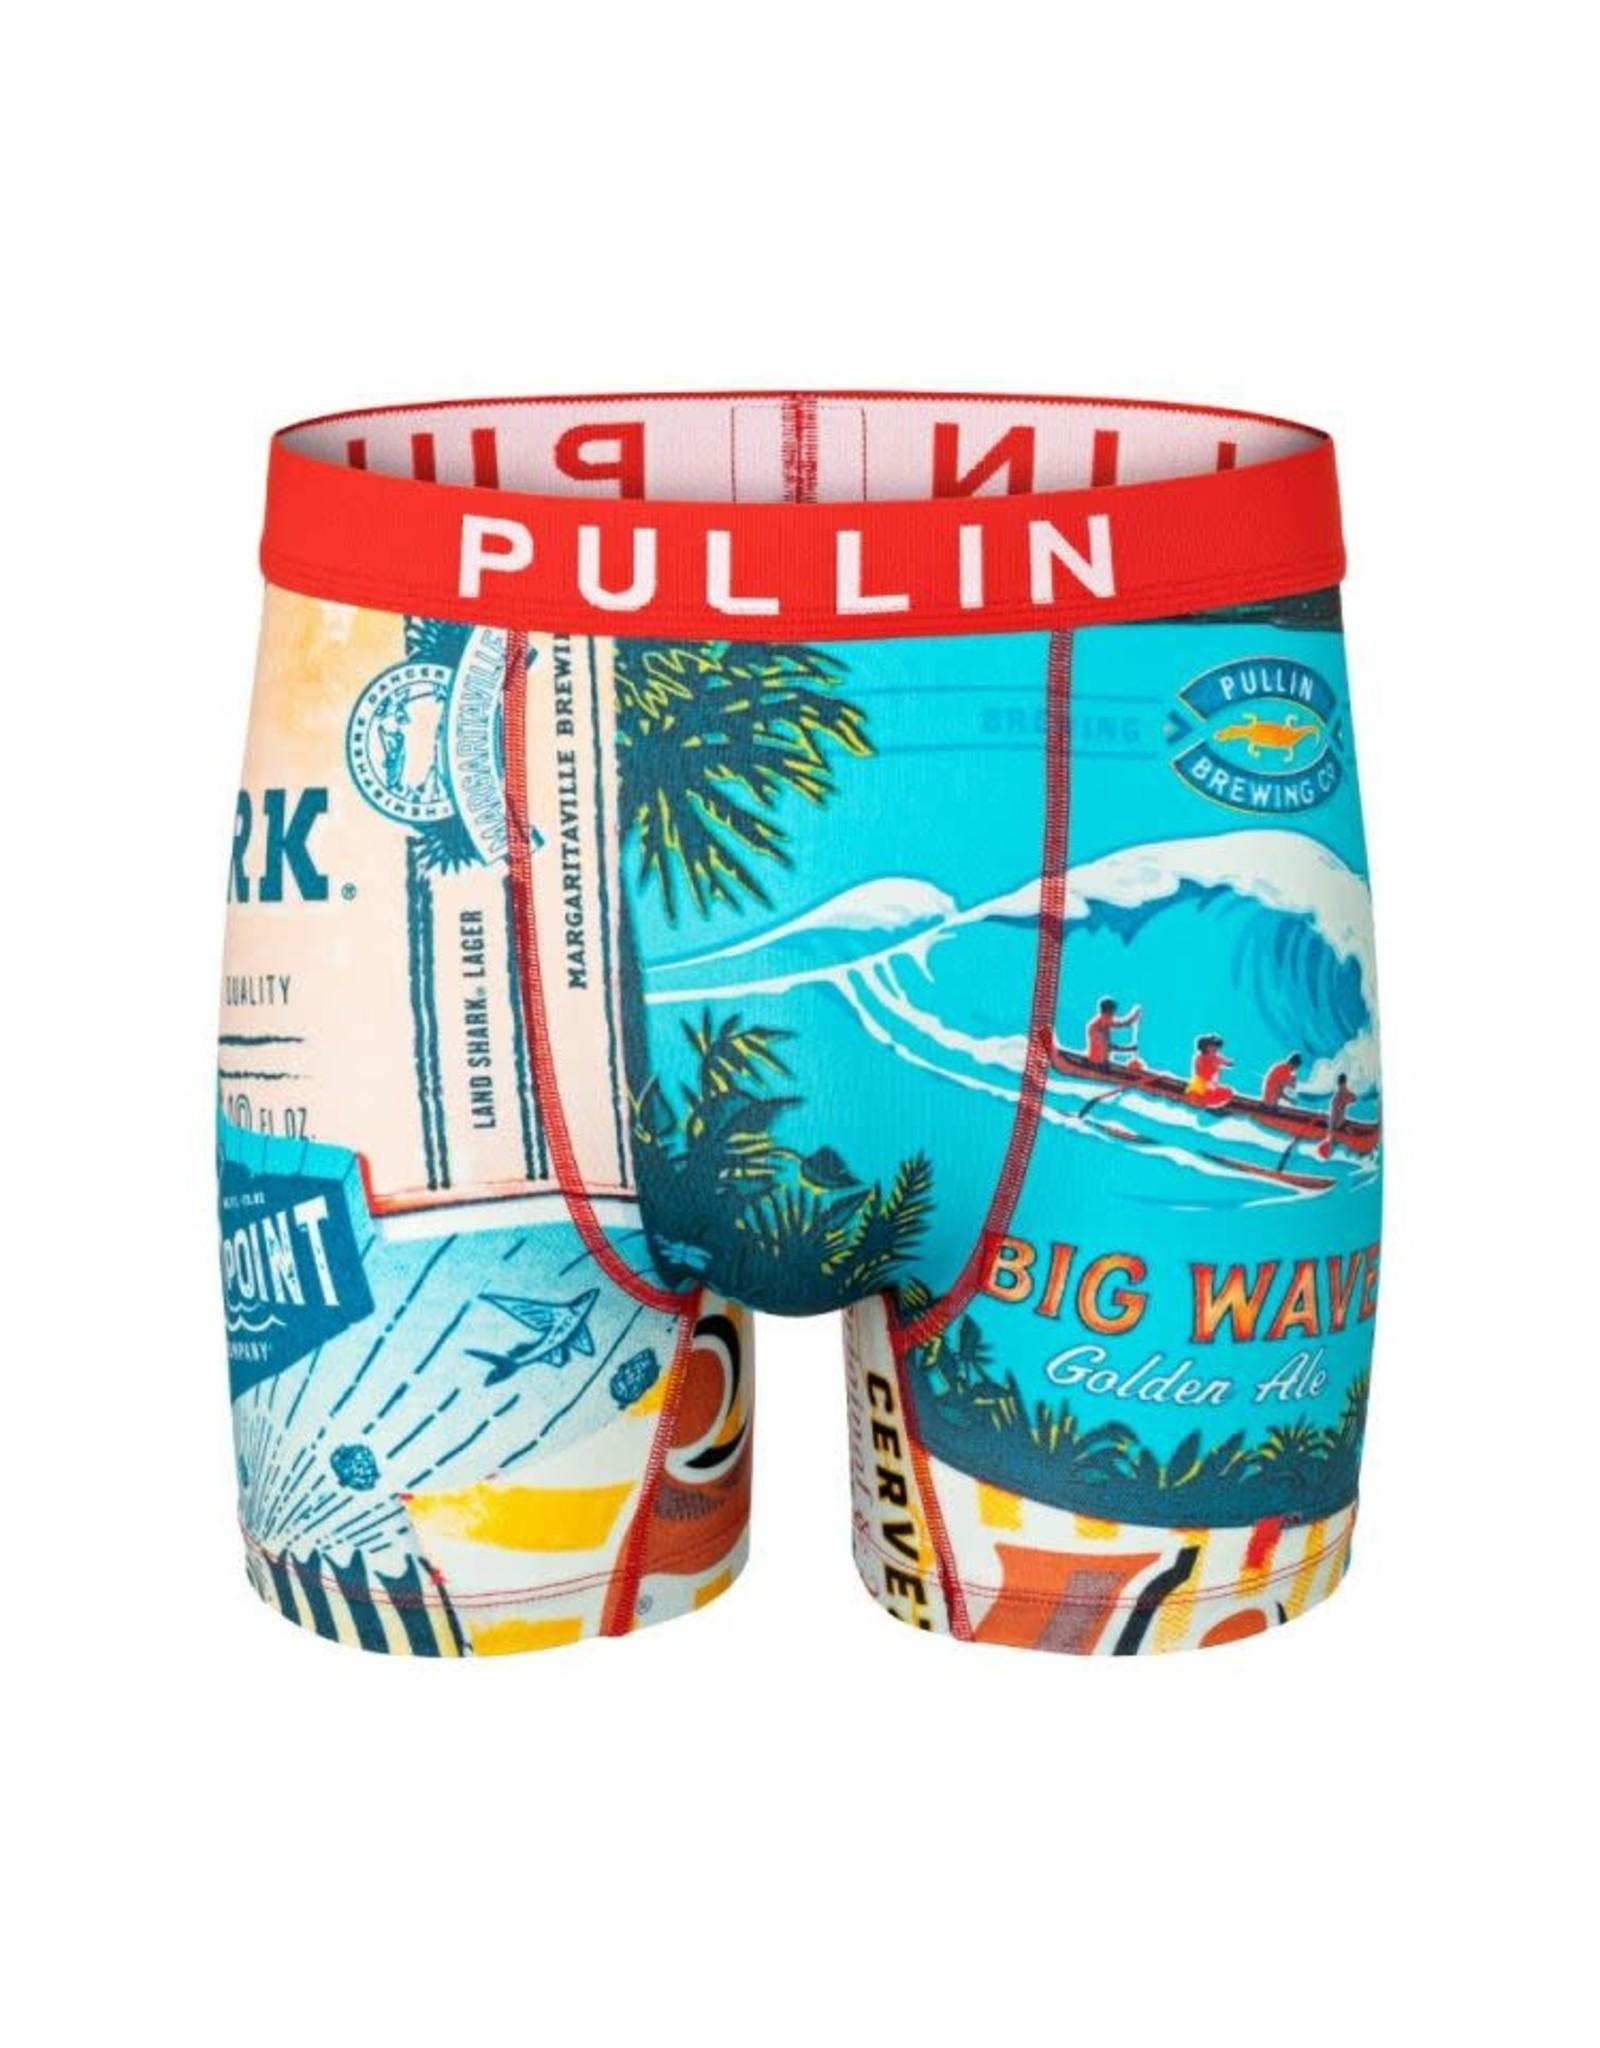 Pullin Fashion 2 POSTAL